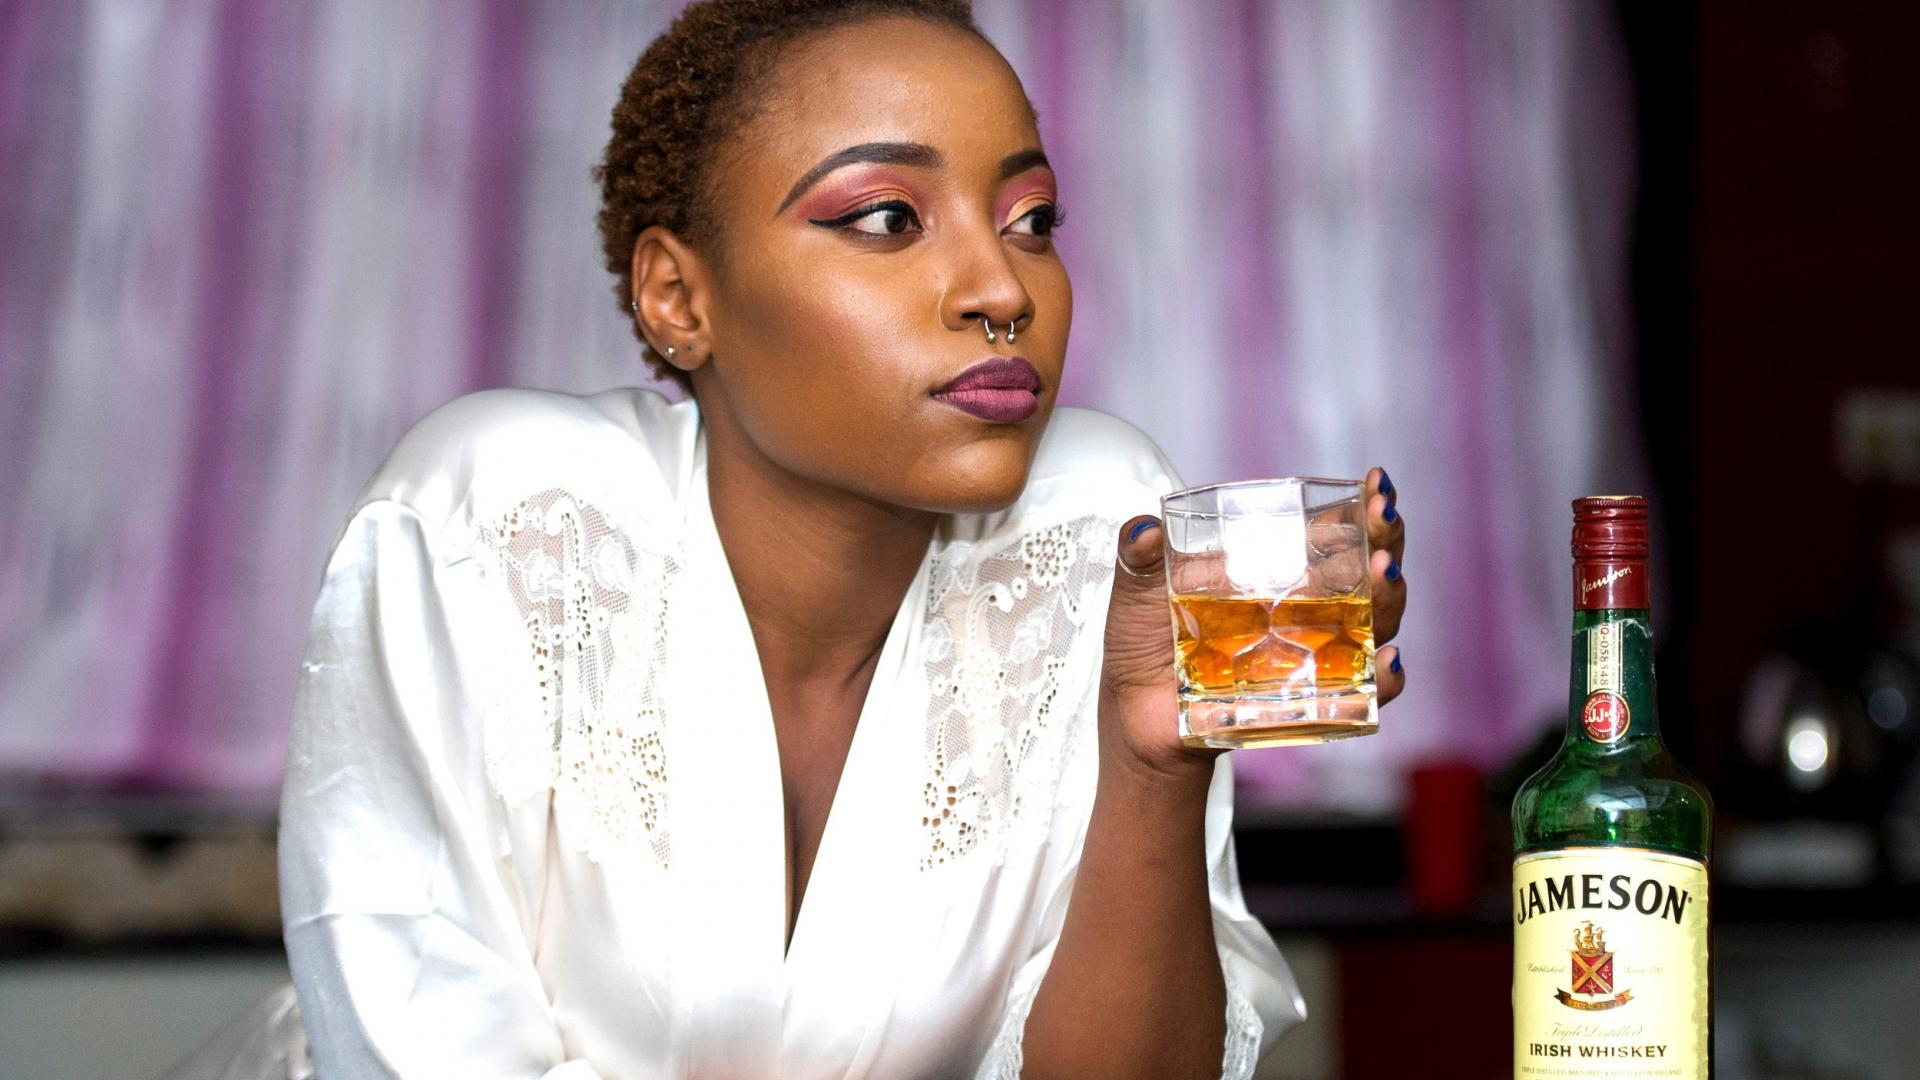 Frau probiert Whiskey Geschmack